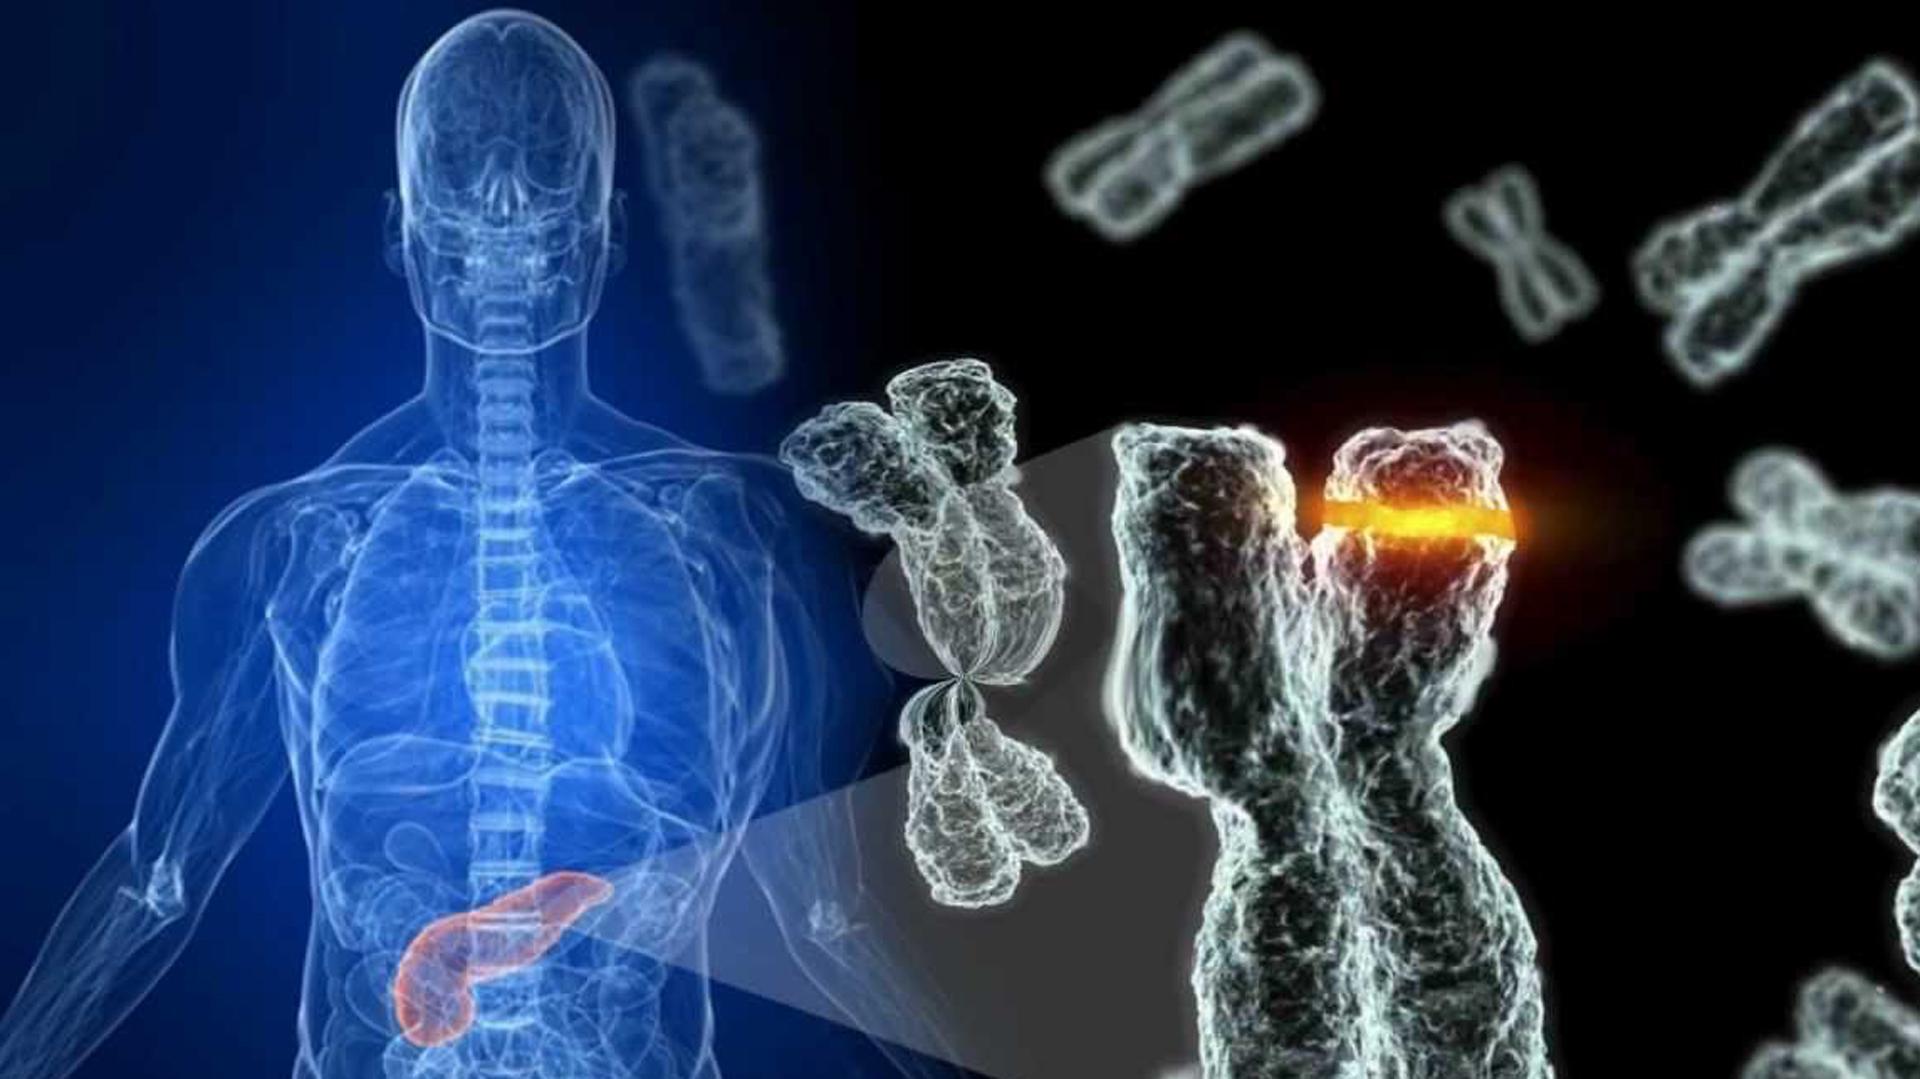 medicina regenerativa 1 - EL GRAN MILAGRO DE LA TERAPIA CELULAR CON INDUCTORES EN LA MEDICINA REGENERATIVA